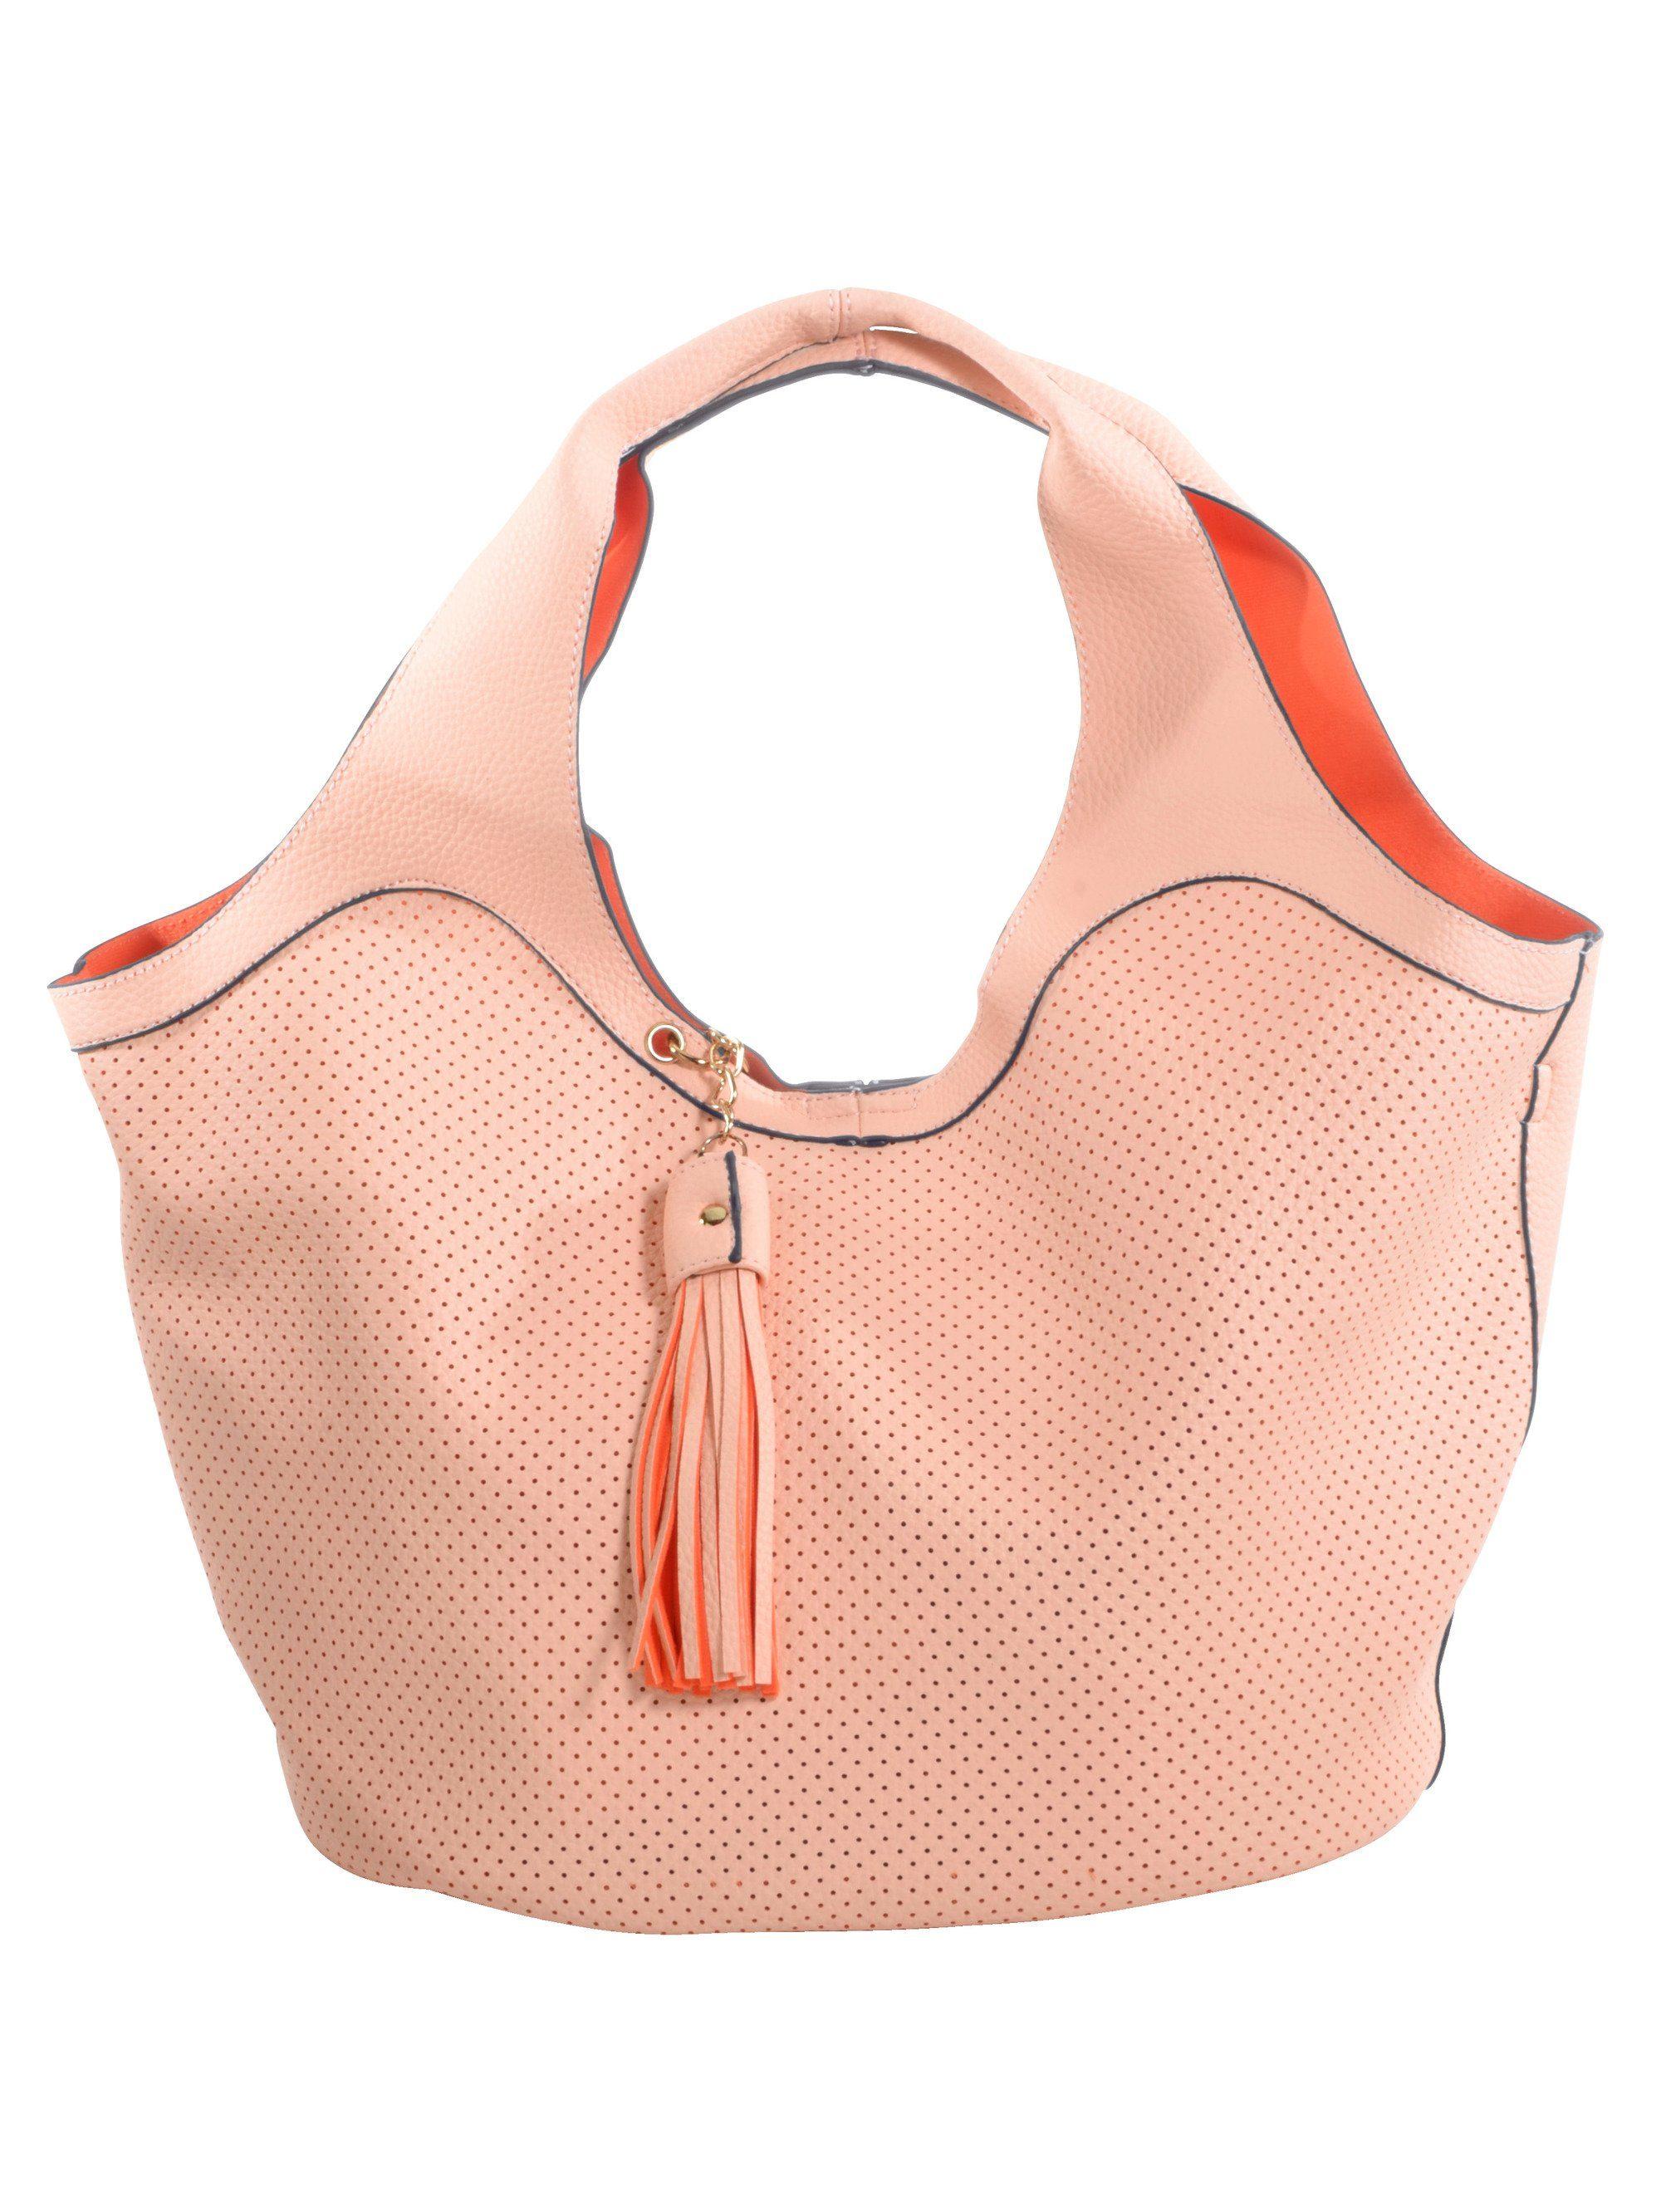 Alba Moda Taschenset dreiteilig